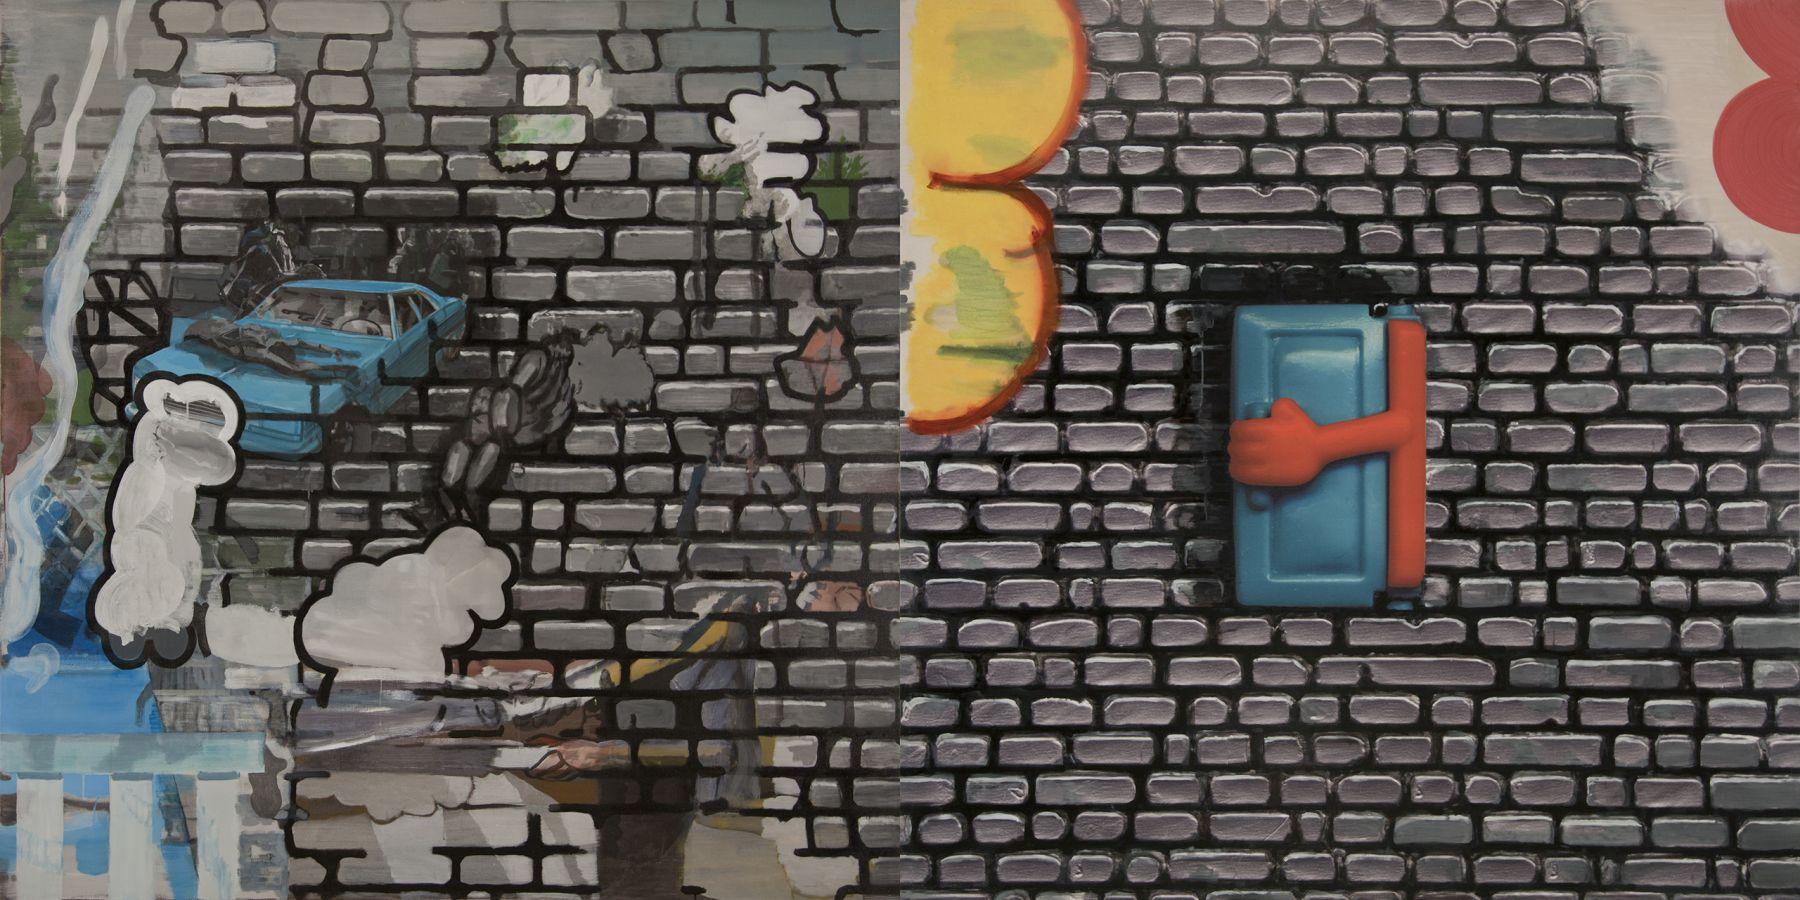 22. Lucky Lotto, 2009, acrylic/tempera/oil/print/canvas, 200 x 400 cm